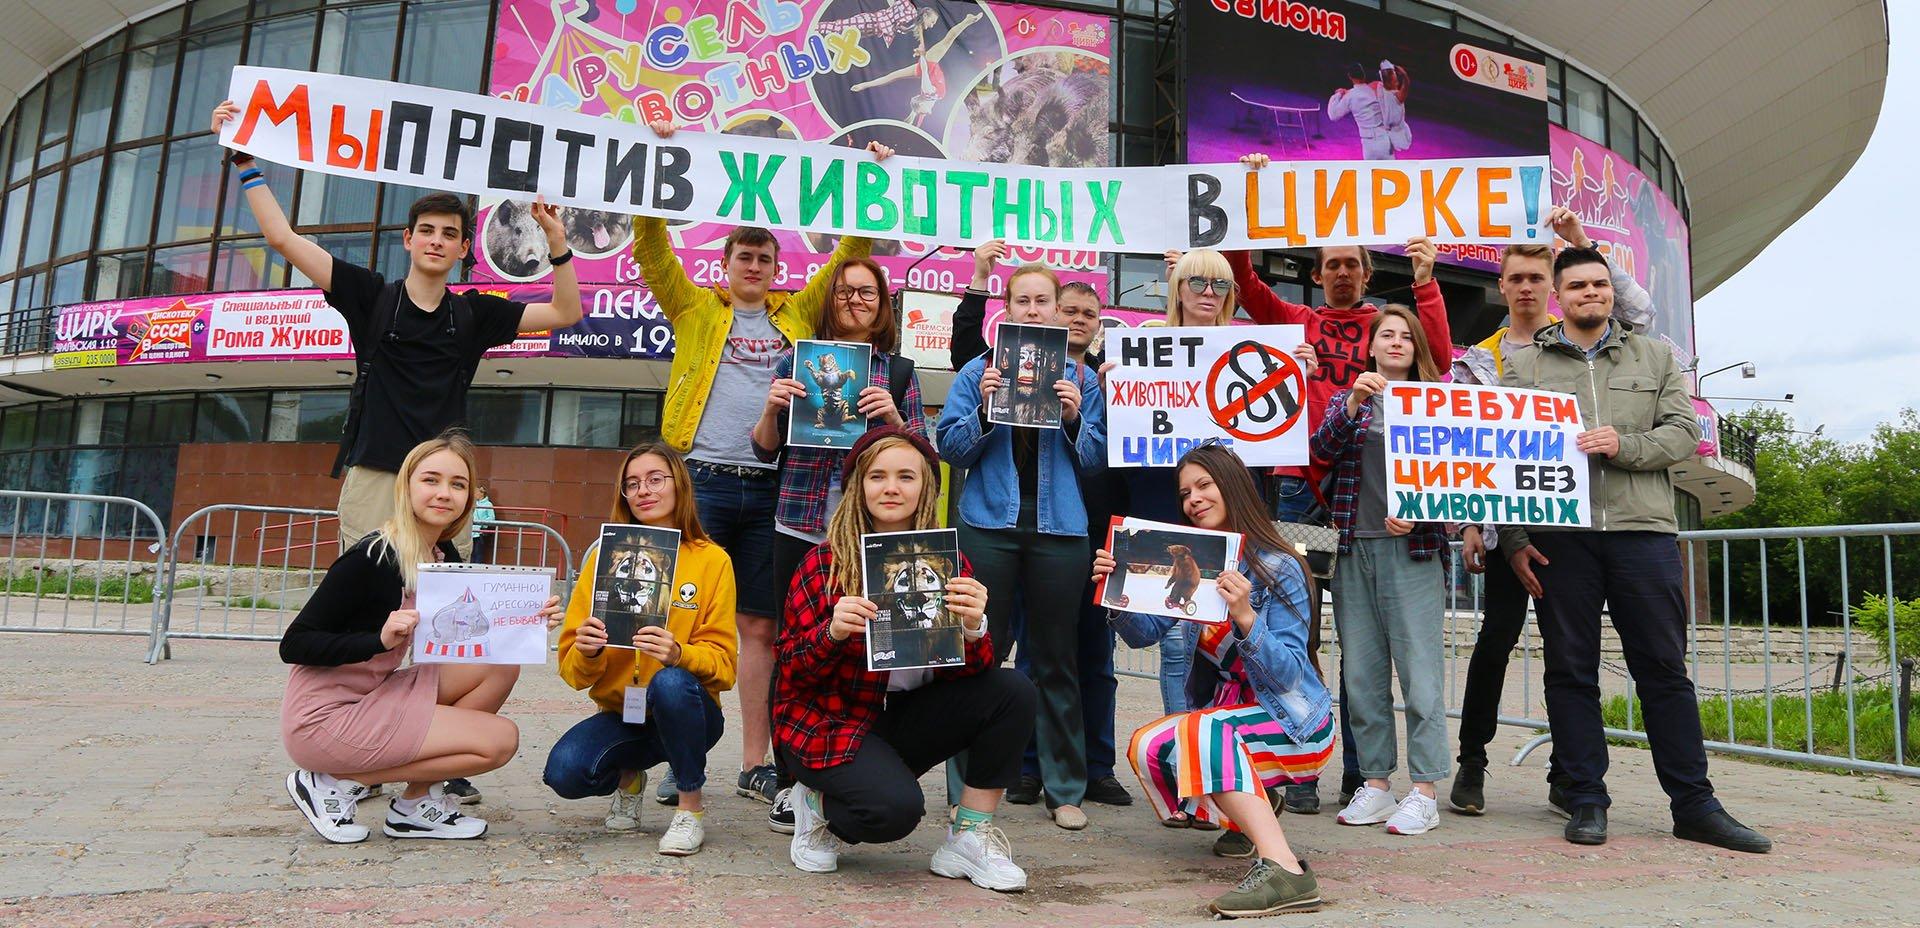 attivisti vegani di Perm contro il circo con gli animali